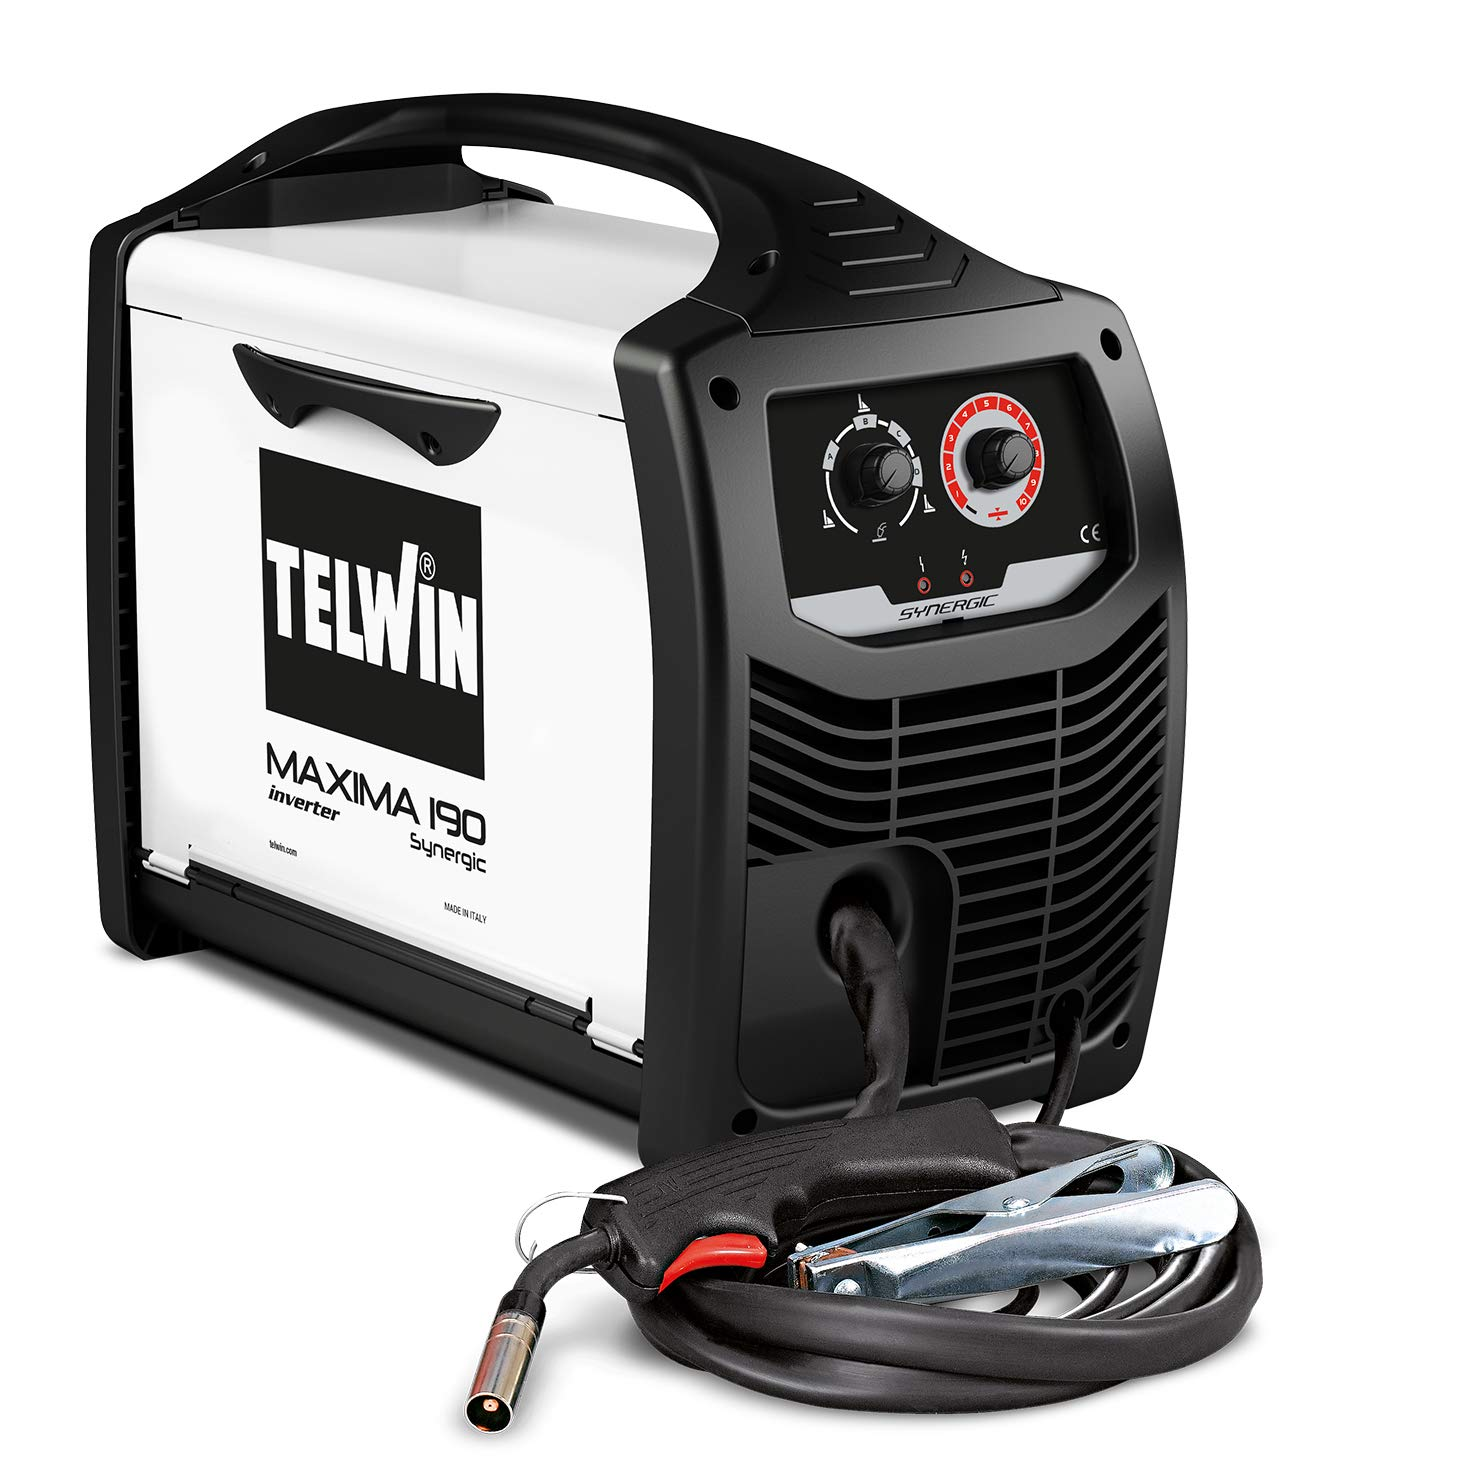 Telwin Maxima 190 soldador inverter de hilo